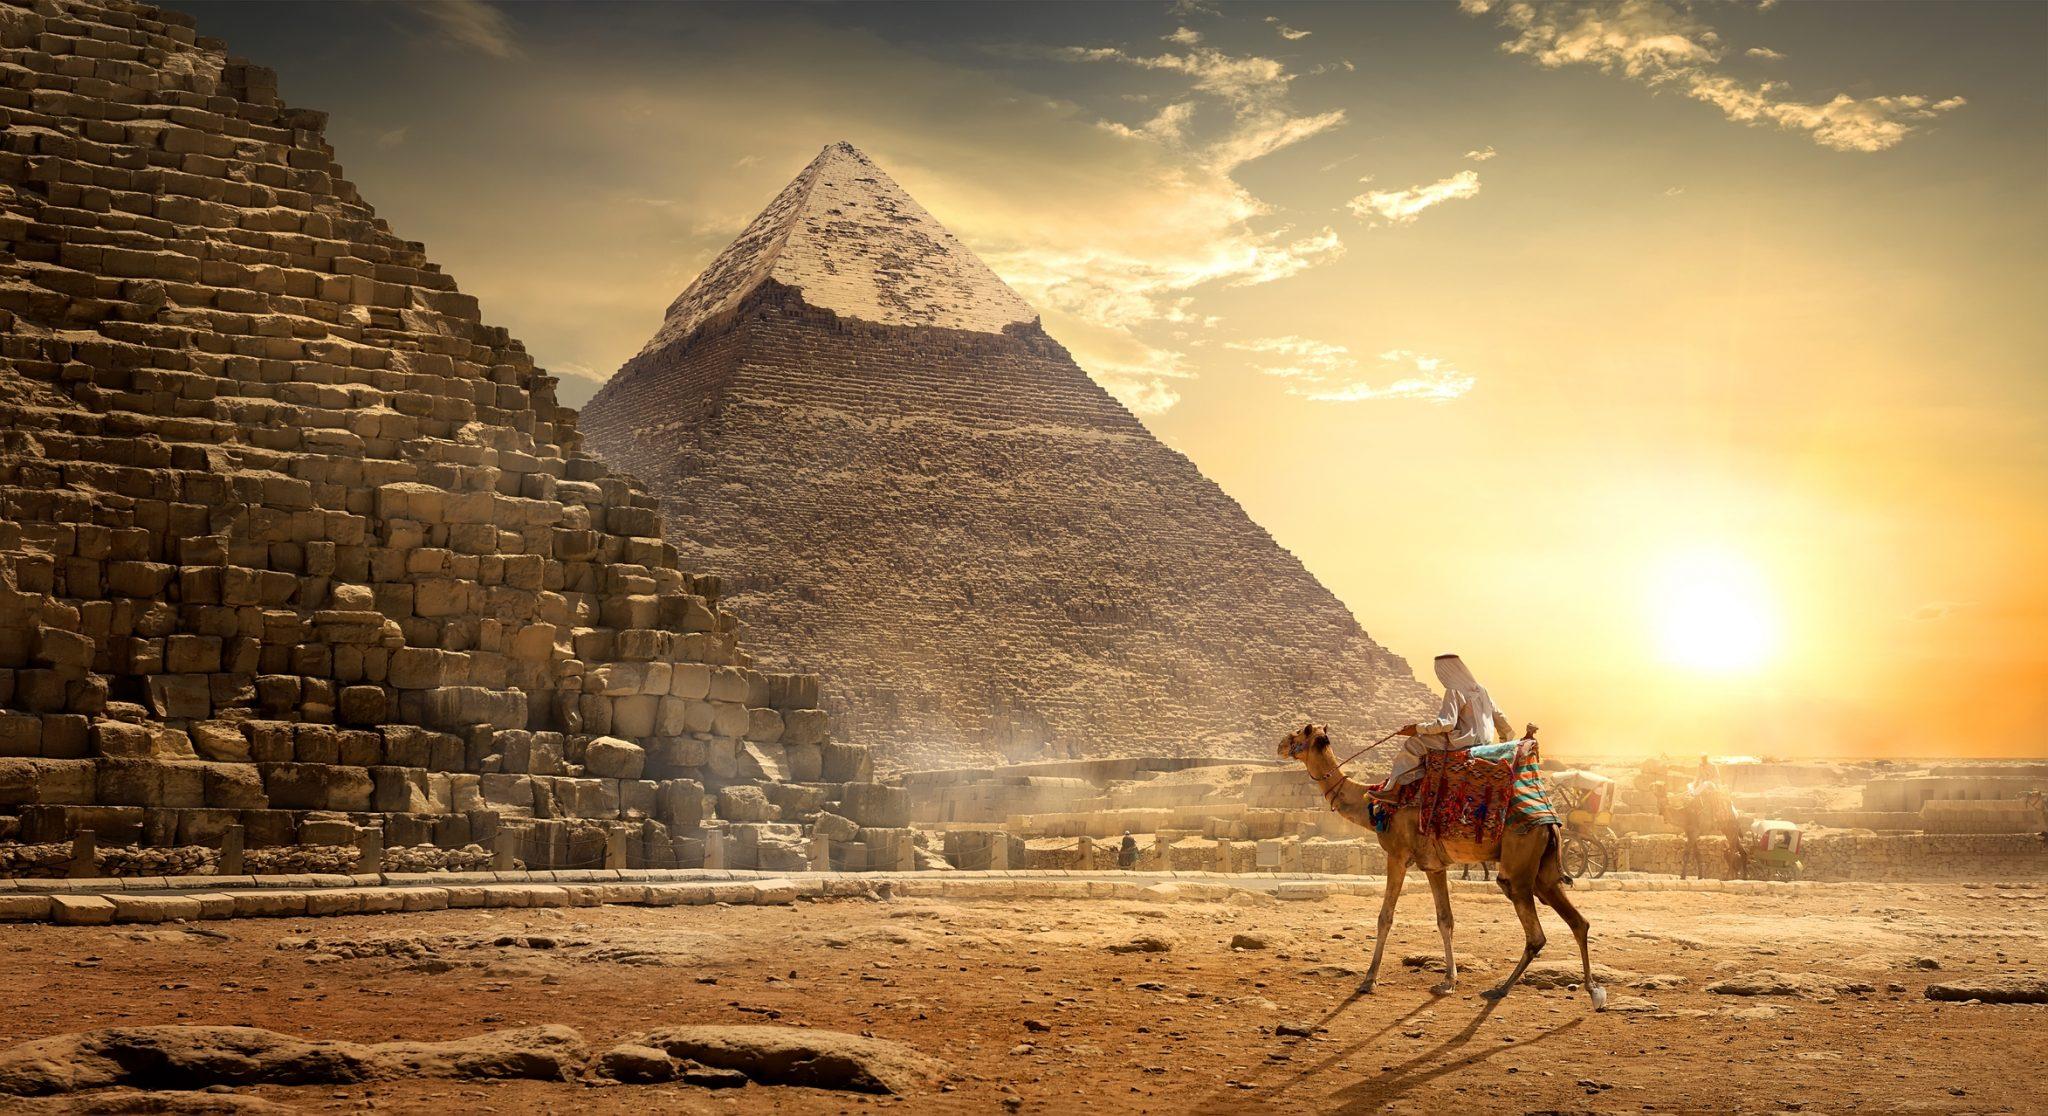 صورة هذا ما فعله صحـ ـابة الرسـ ـول عند رؤيتهم للأهرامات لأول مـ ـرة- فيديو